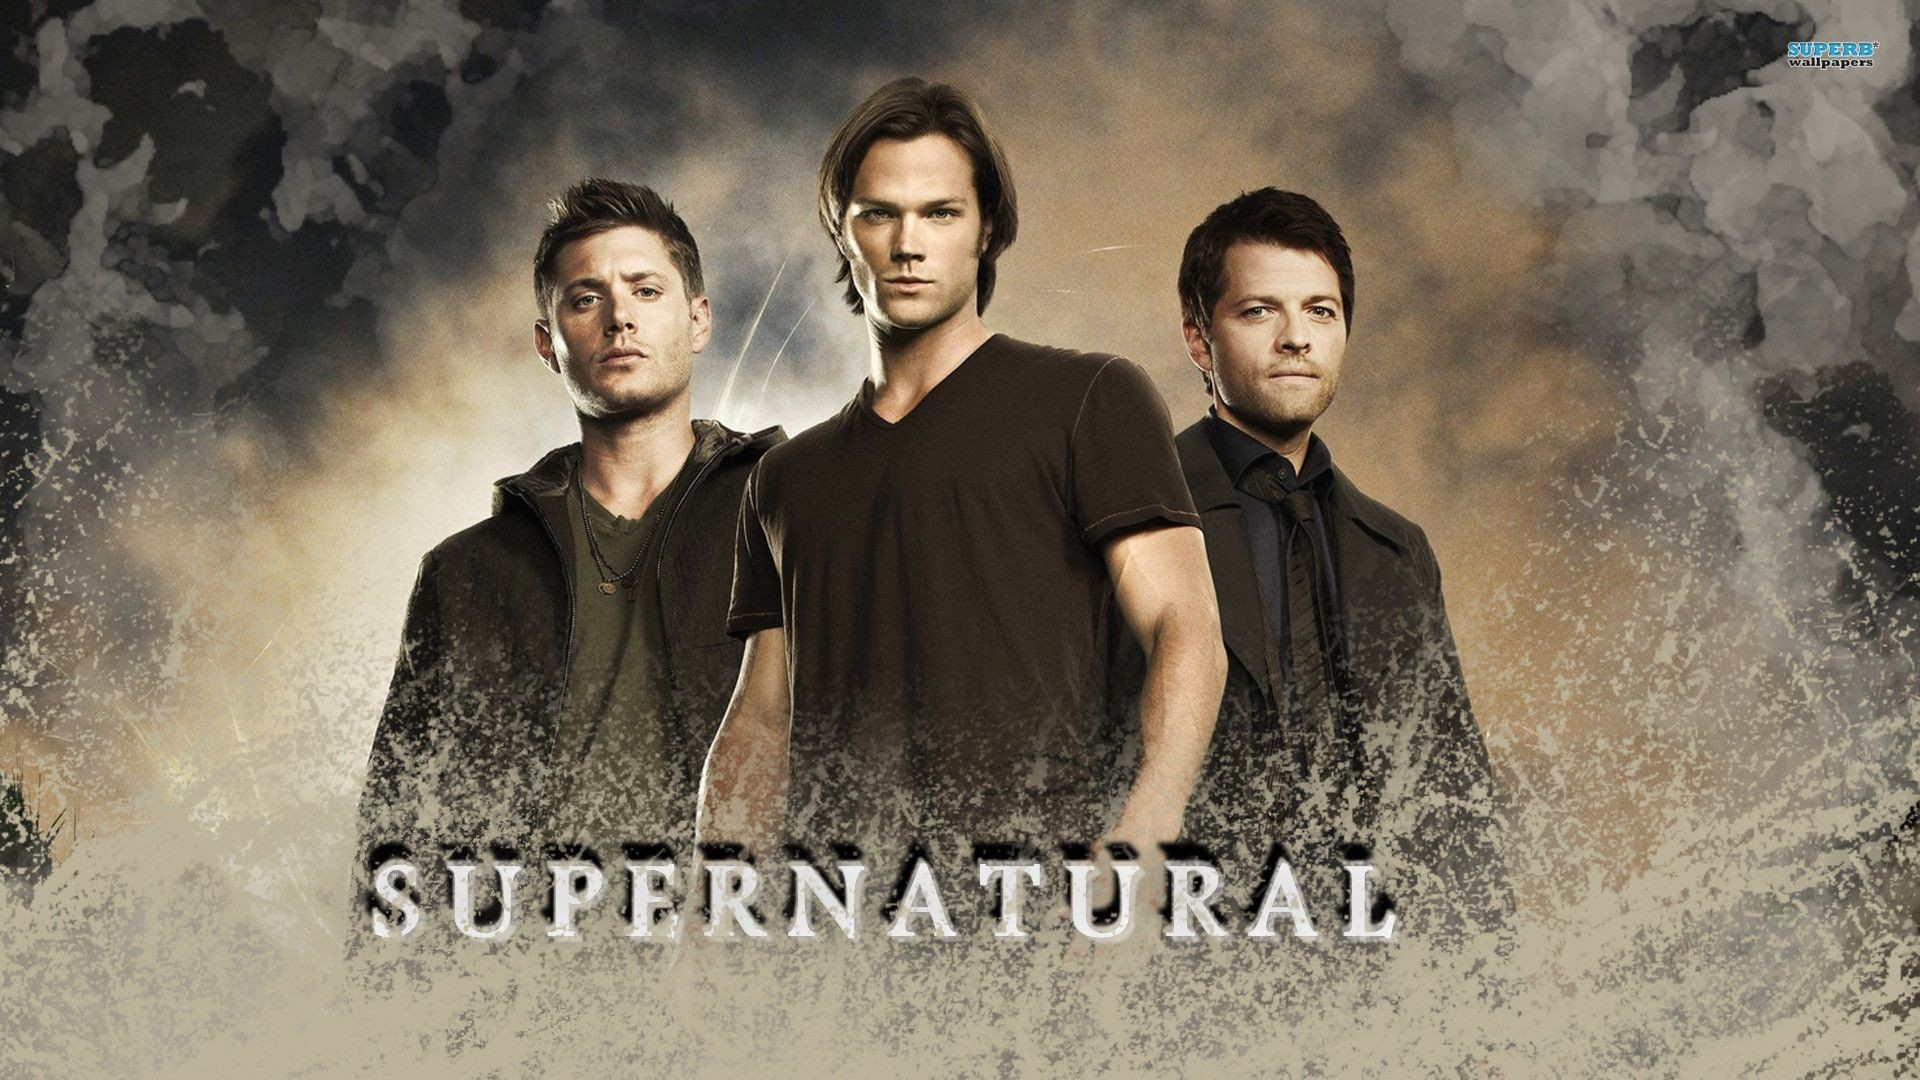 Supernatural Wallpaper (39 Wallpapers)